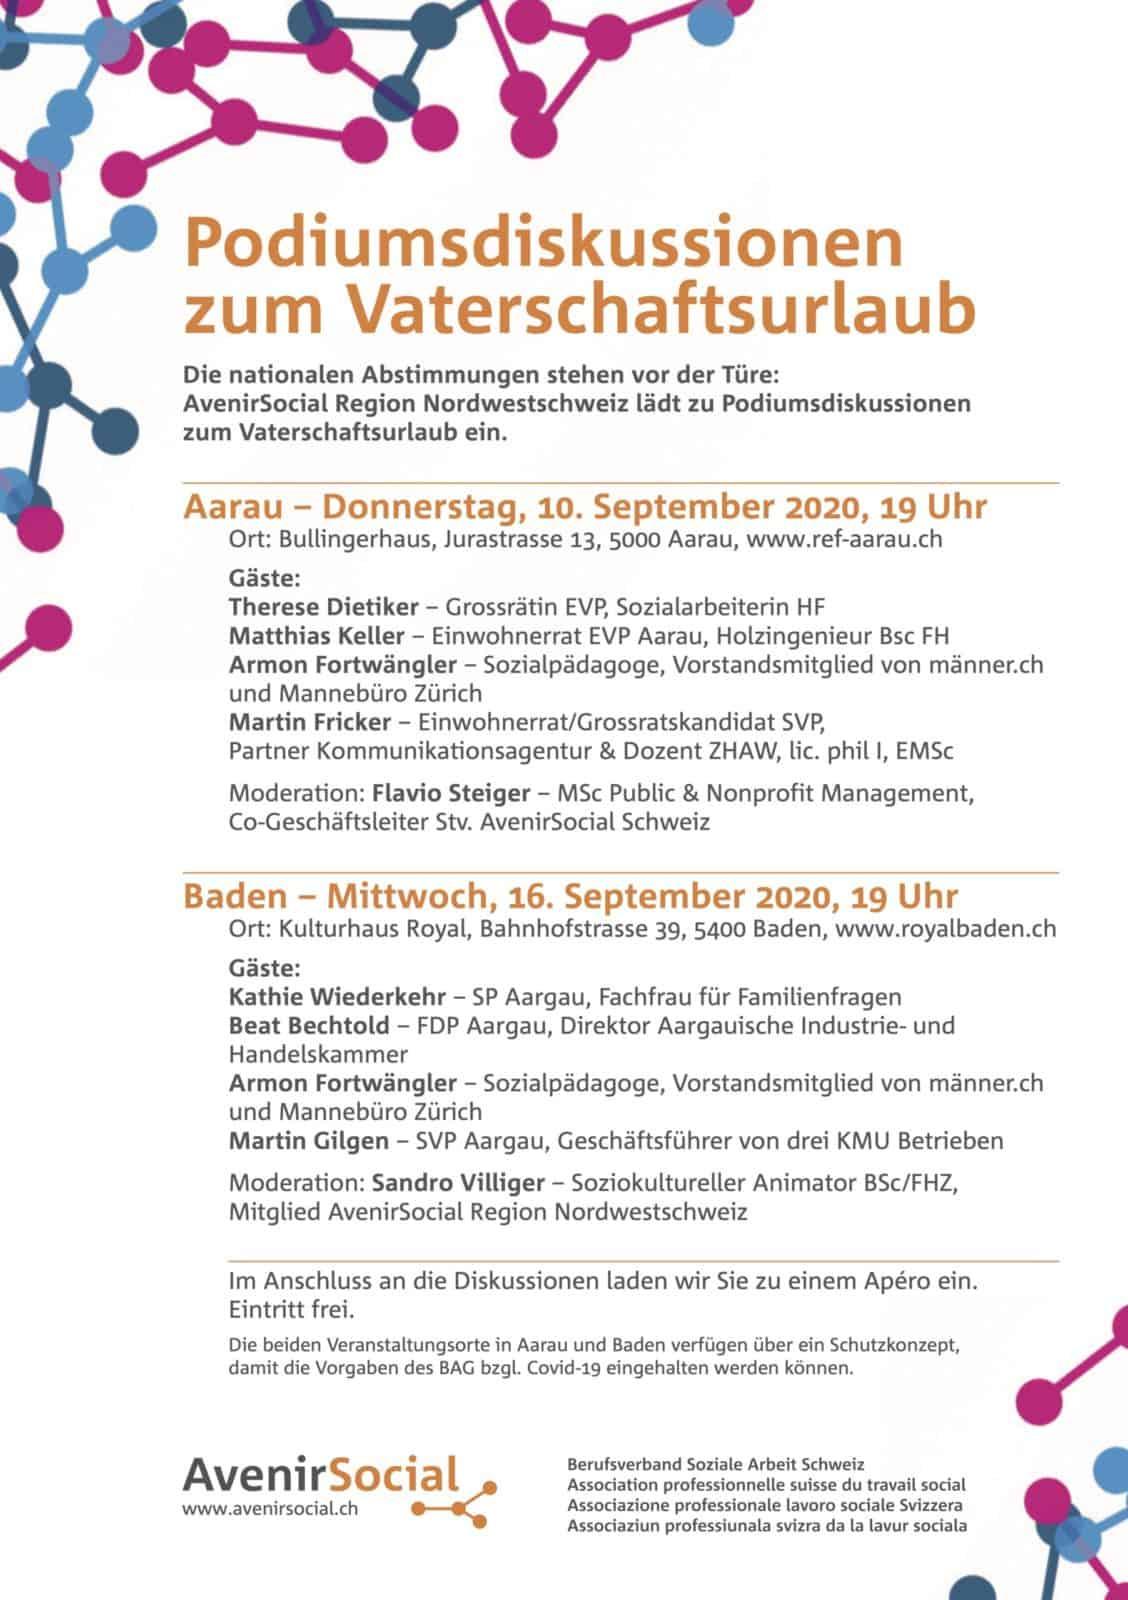 Podiumsdiskussion zum Vaterschaftsurlaub Aarau